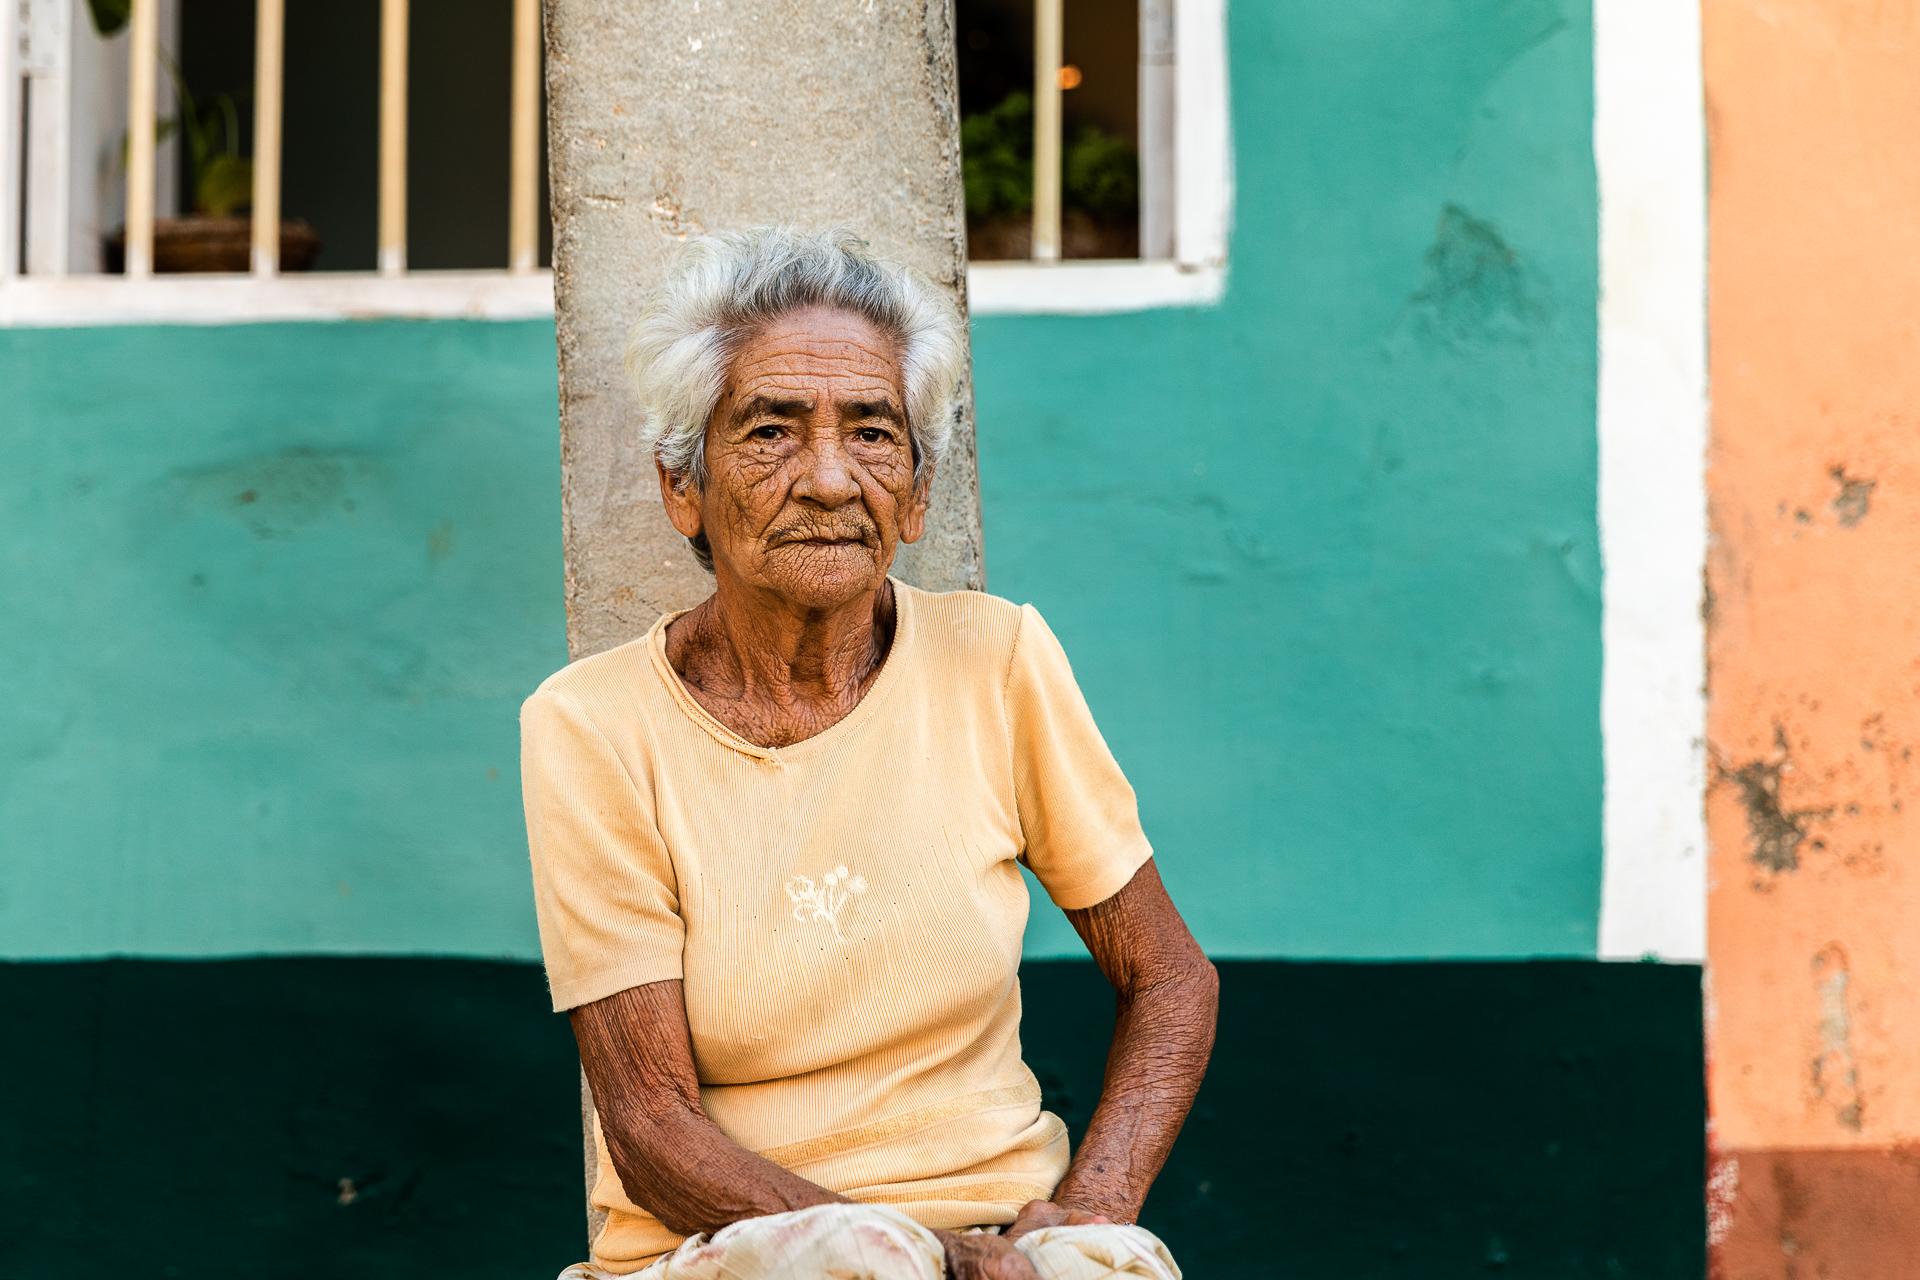 Tipps für bessere Reisefotos Reisefotografie Trinidas Kuba Kubanerin Portrait Reisefotografie Local